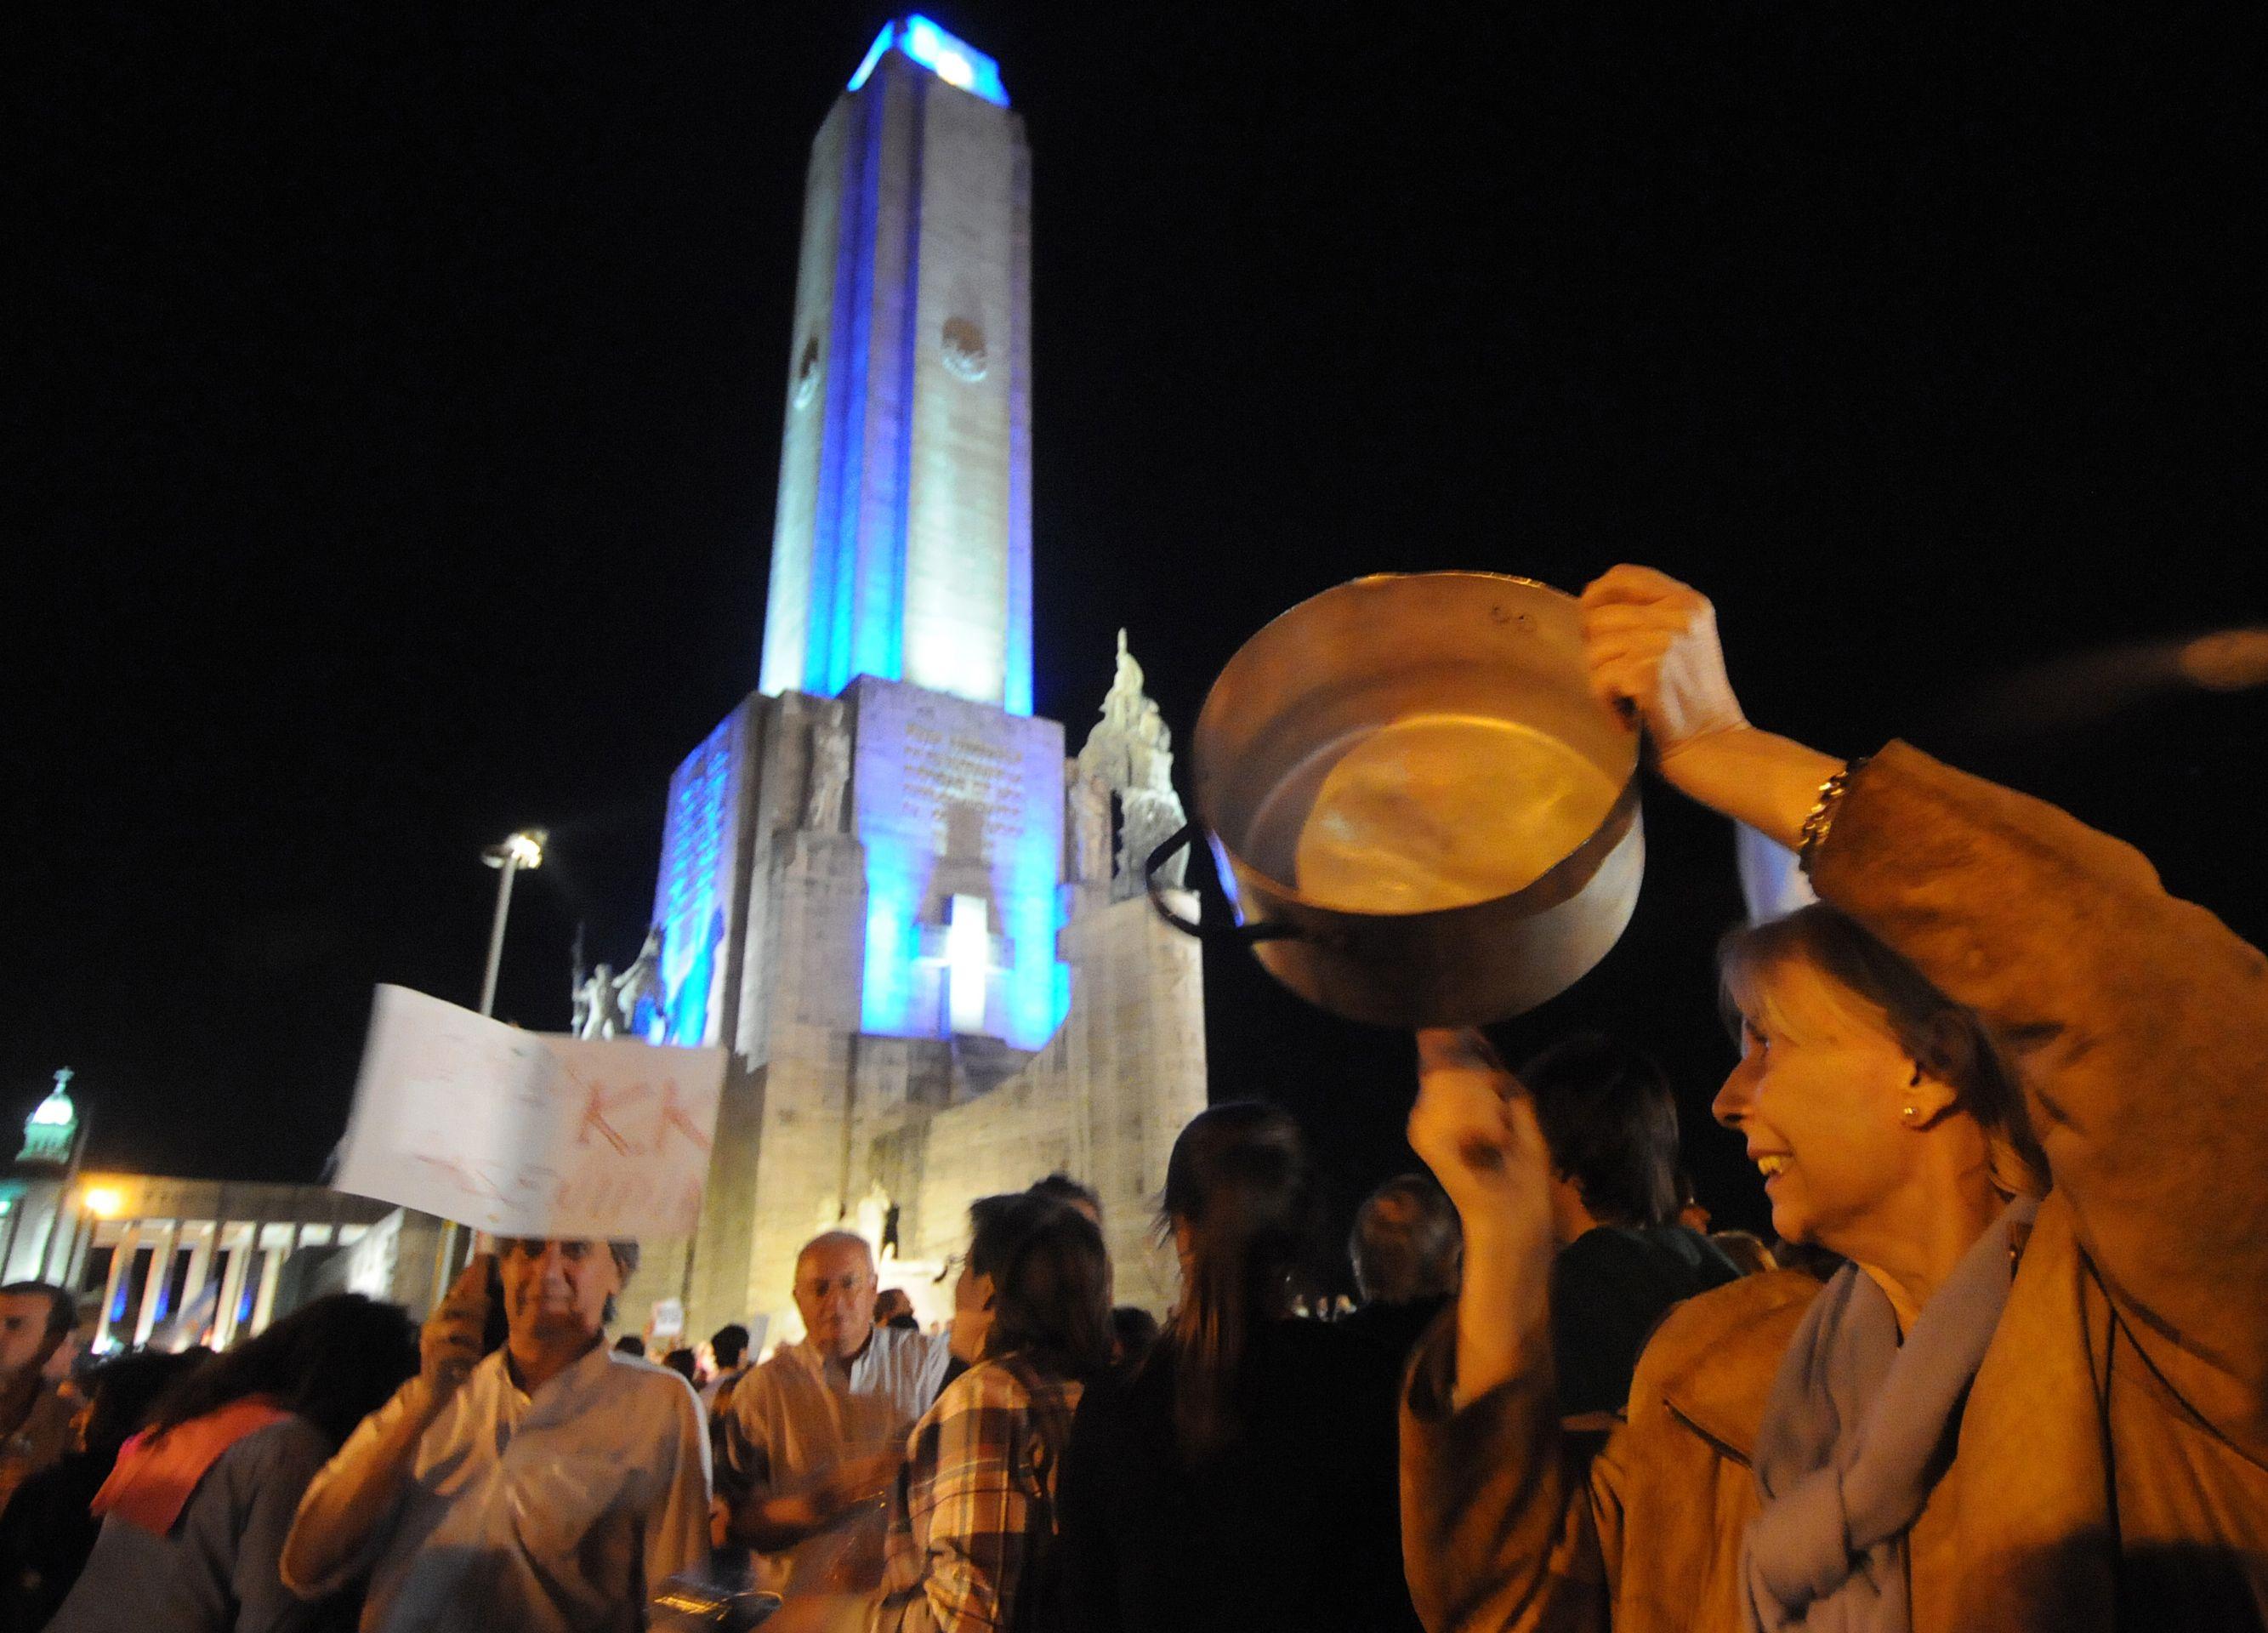 El Monumento será en Rosario el epicentro de la protesta.